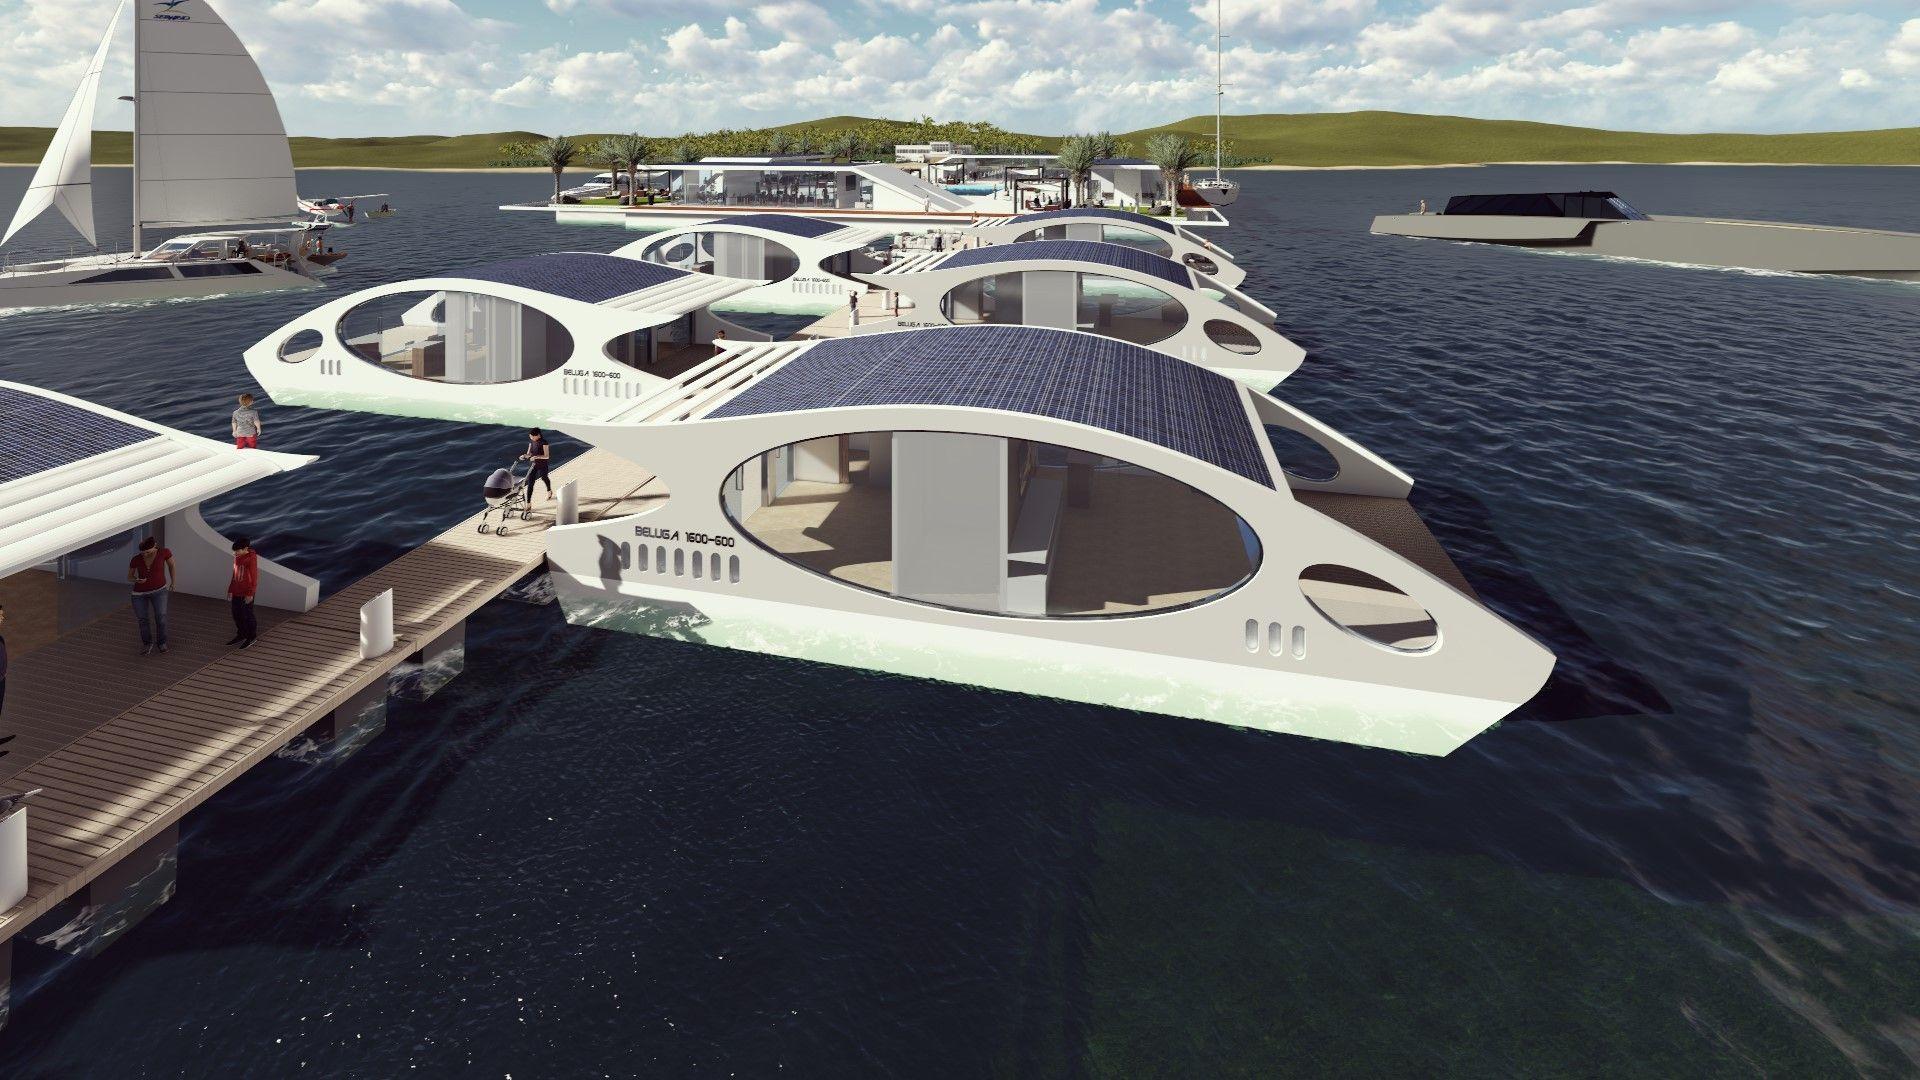 Superb Floating Hotel Part - 14: Beluga Floating Hotel Room Designed By Amédée Santalo For Triton Enterprise